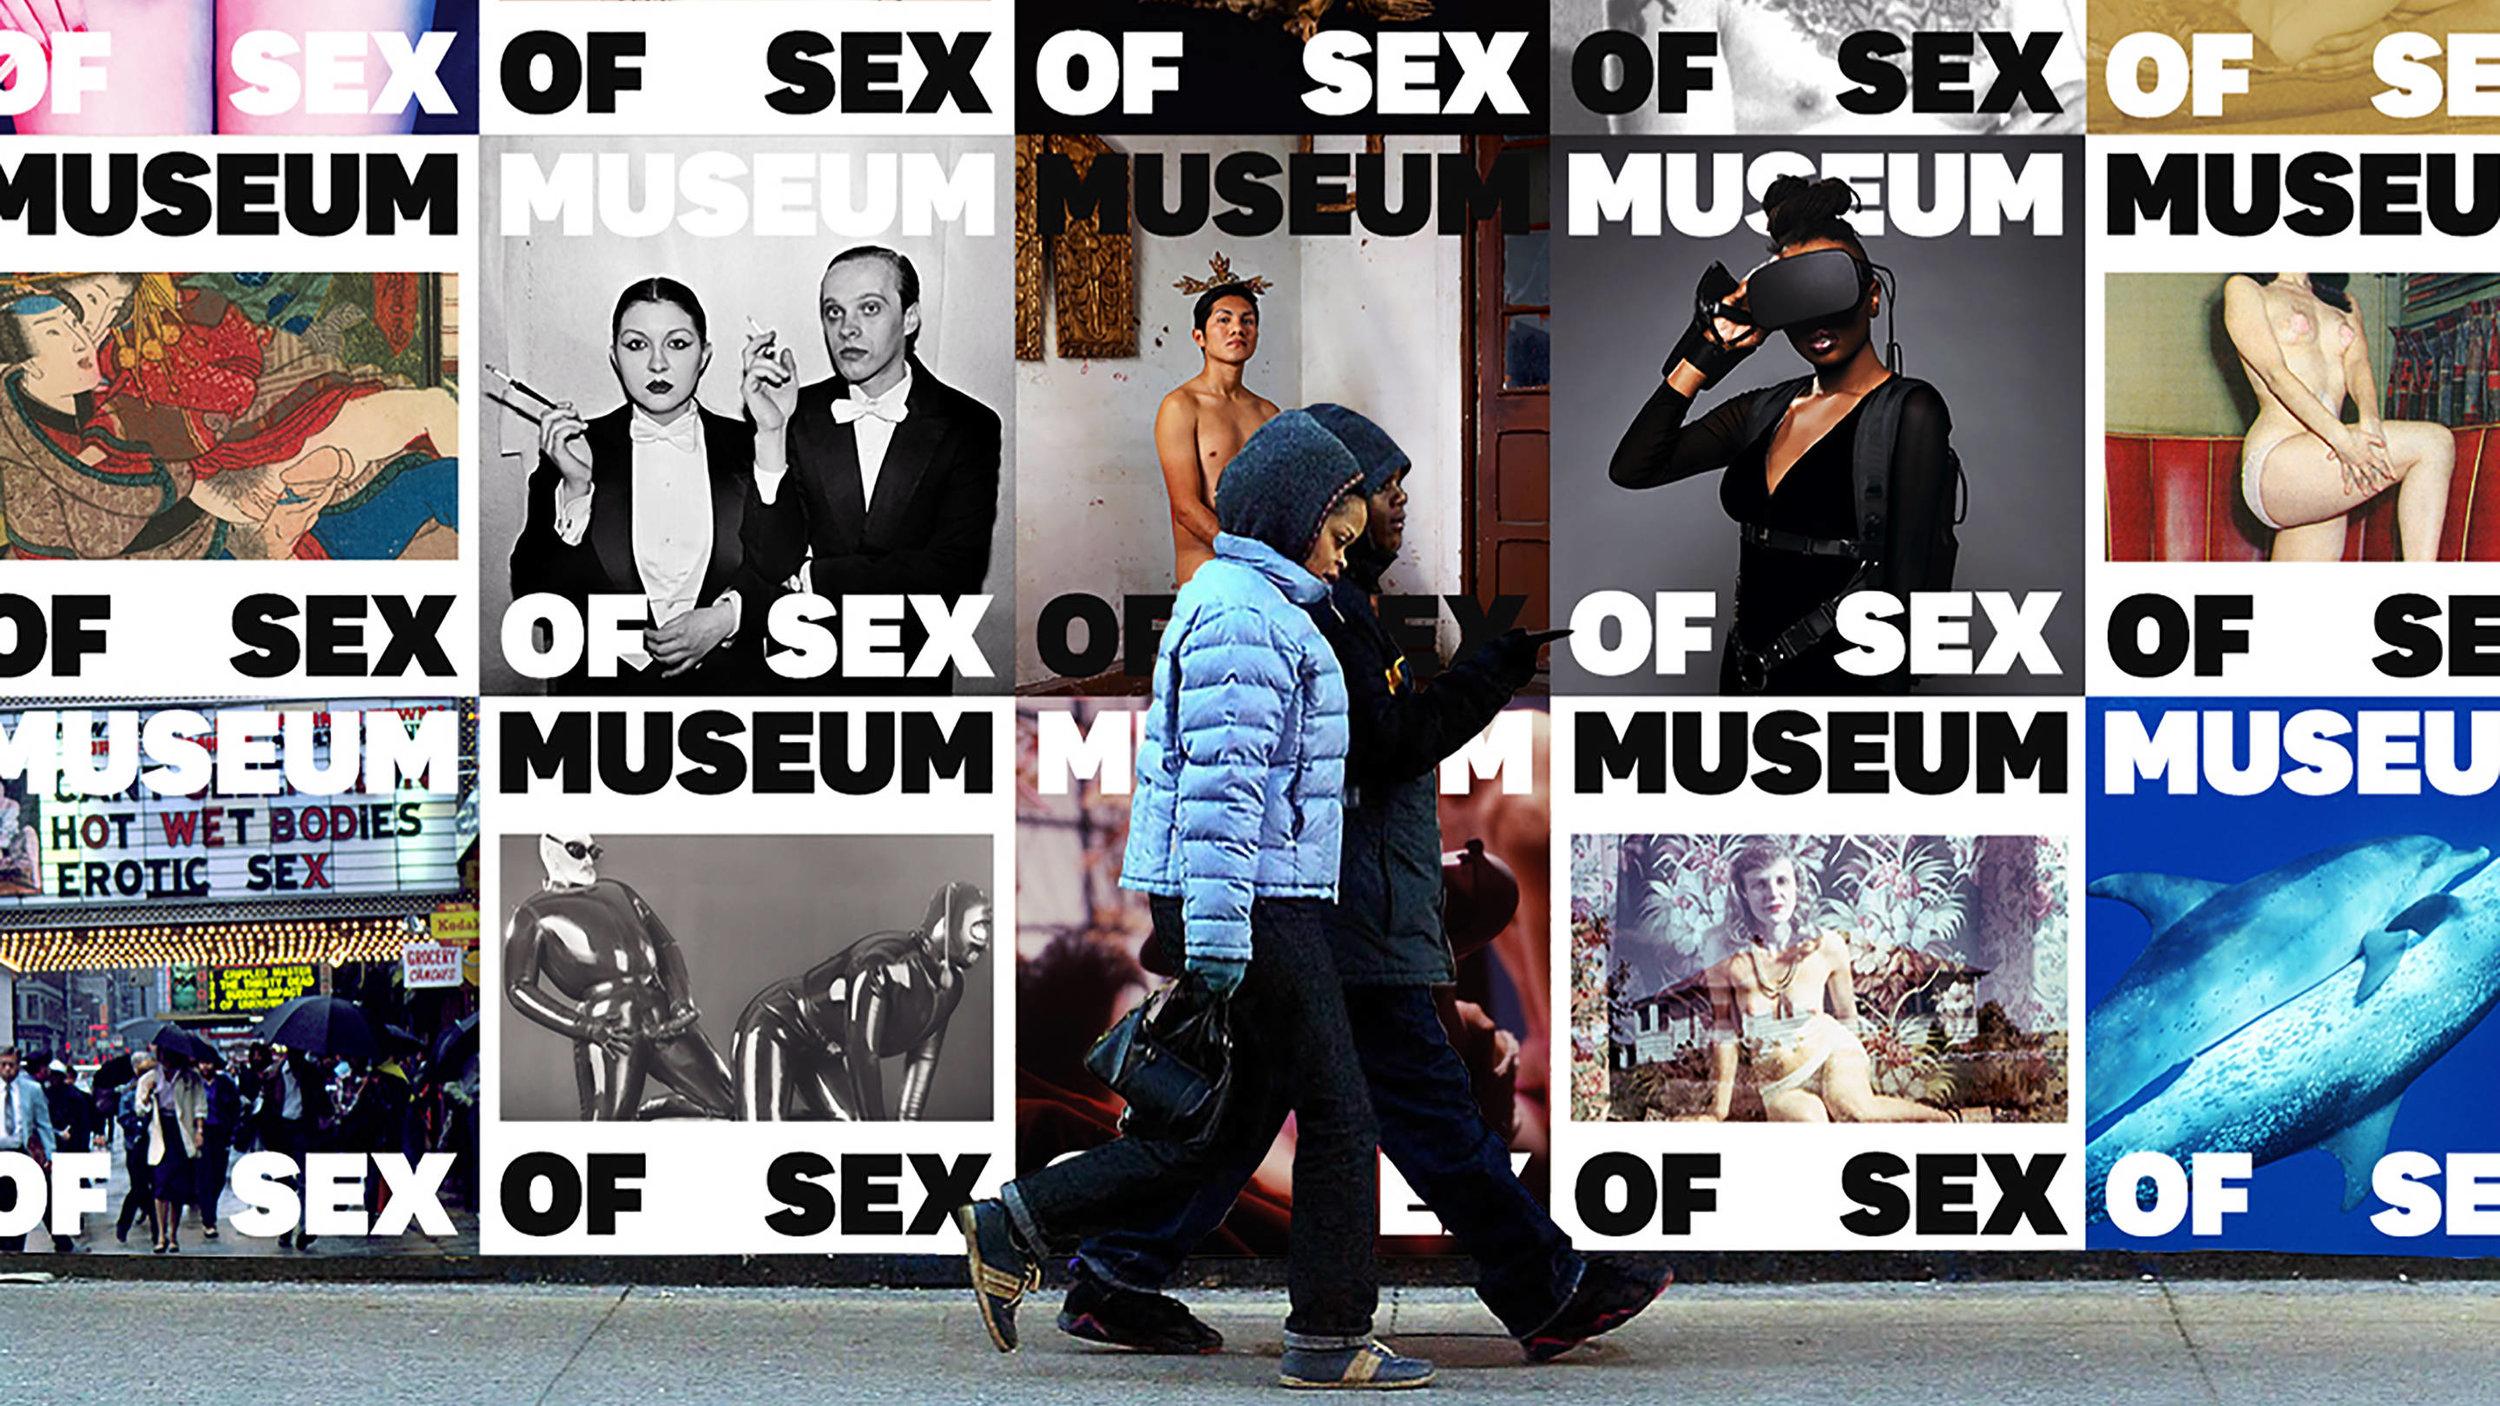 People-watching-museum-of-sex_16x9.jpg